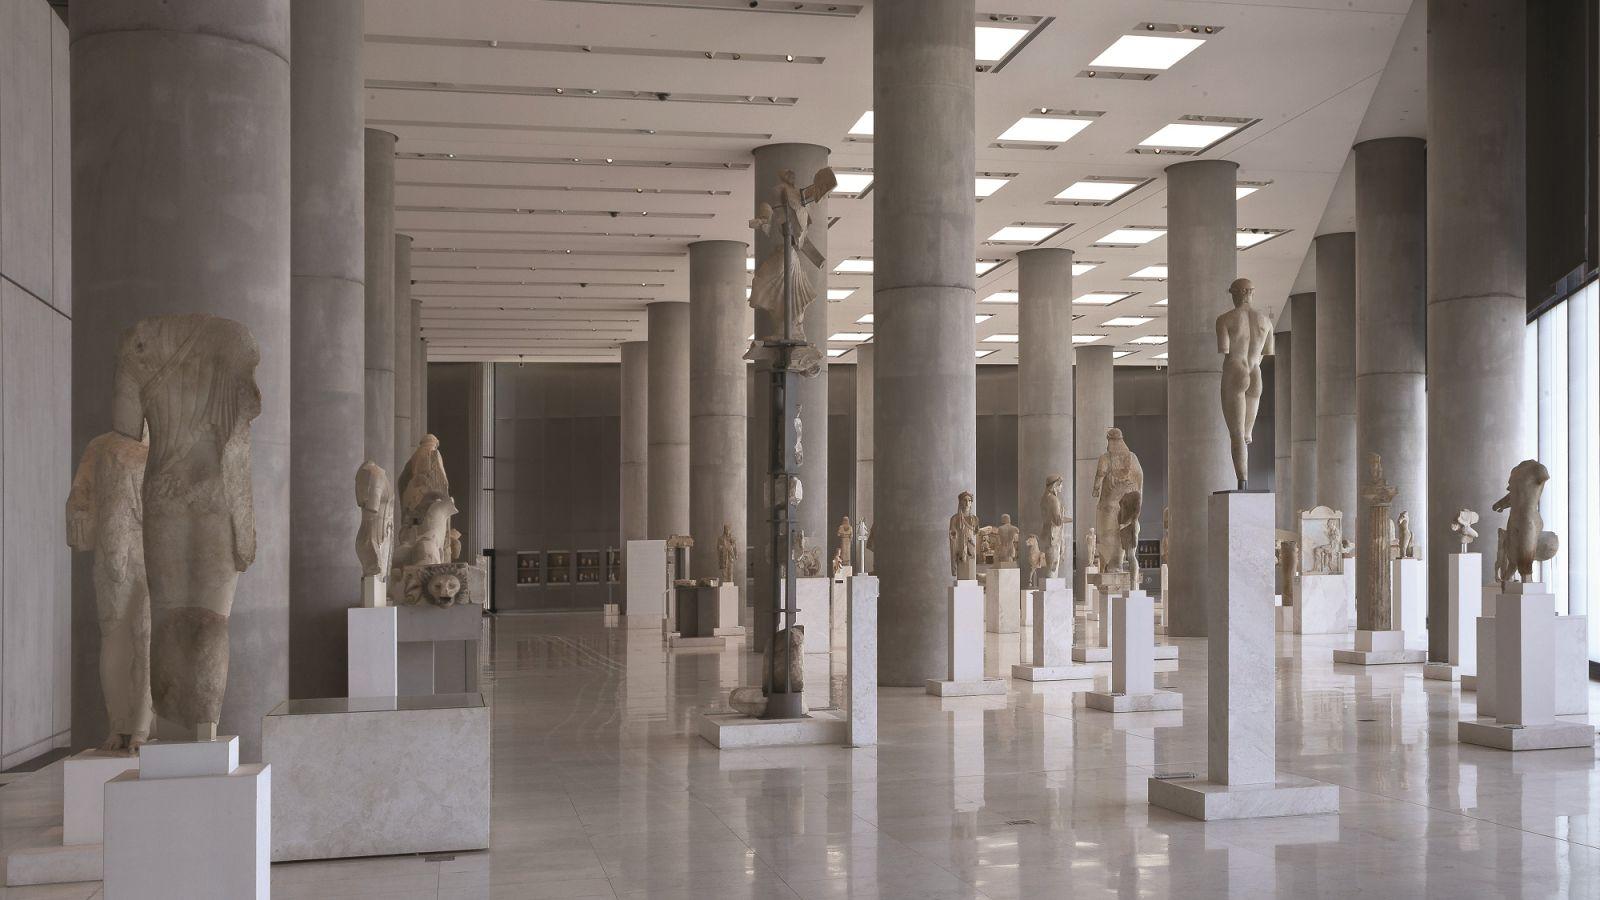 Άρση μέτρων: Άνοιξαν και πάλι τα μουσεία της χώρας – Ποια είναι τα μέτρα προστασίας